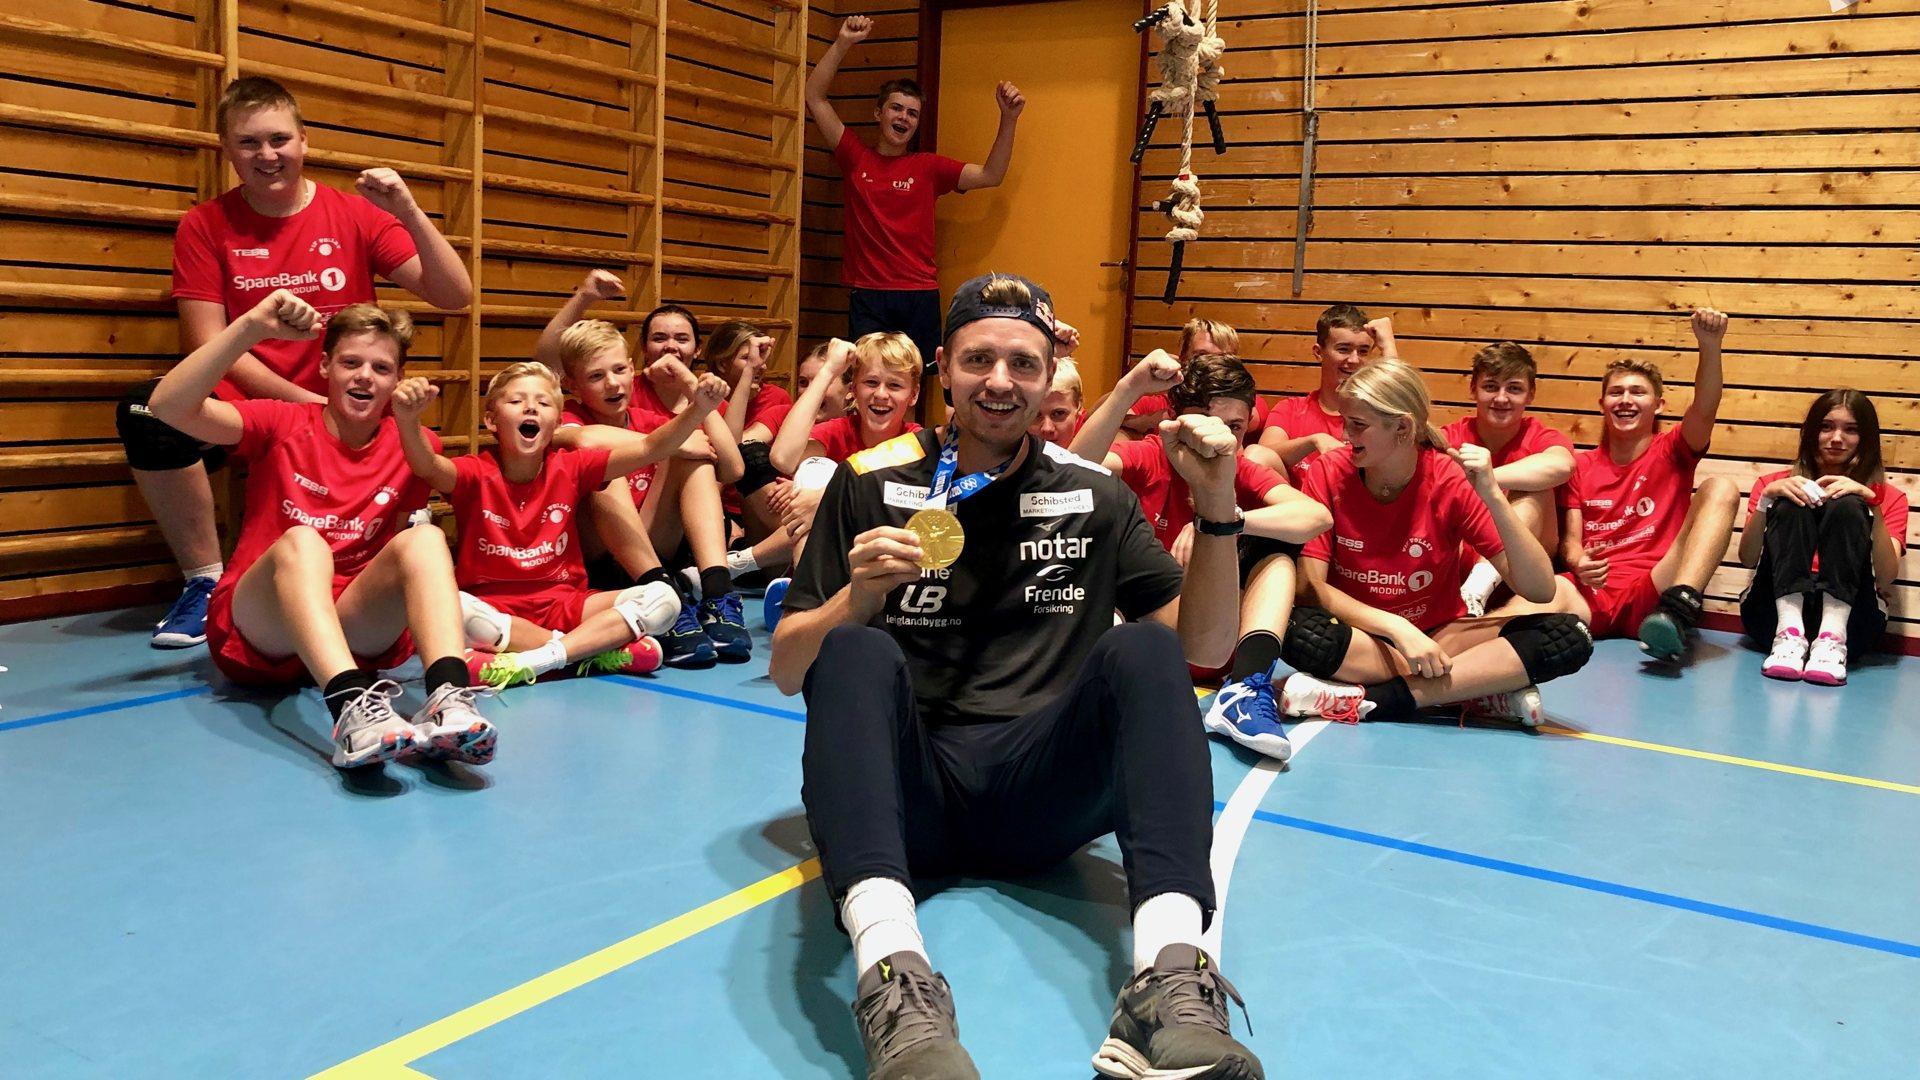 Ol-gullvinner besøkte Vikersund volley